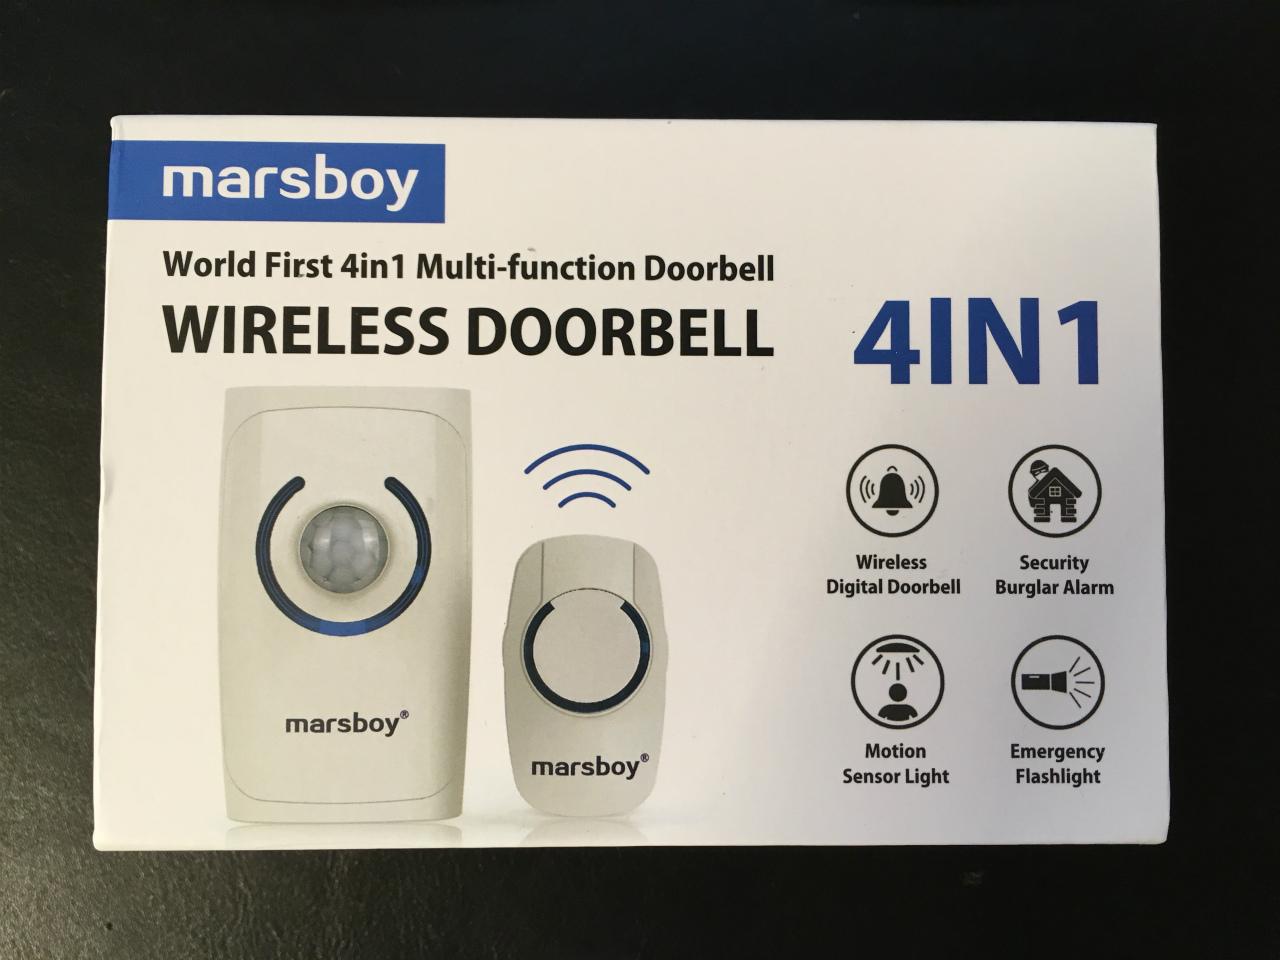 1260-201605_marsboy WIRELESS DOORBELL 4in1 01